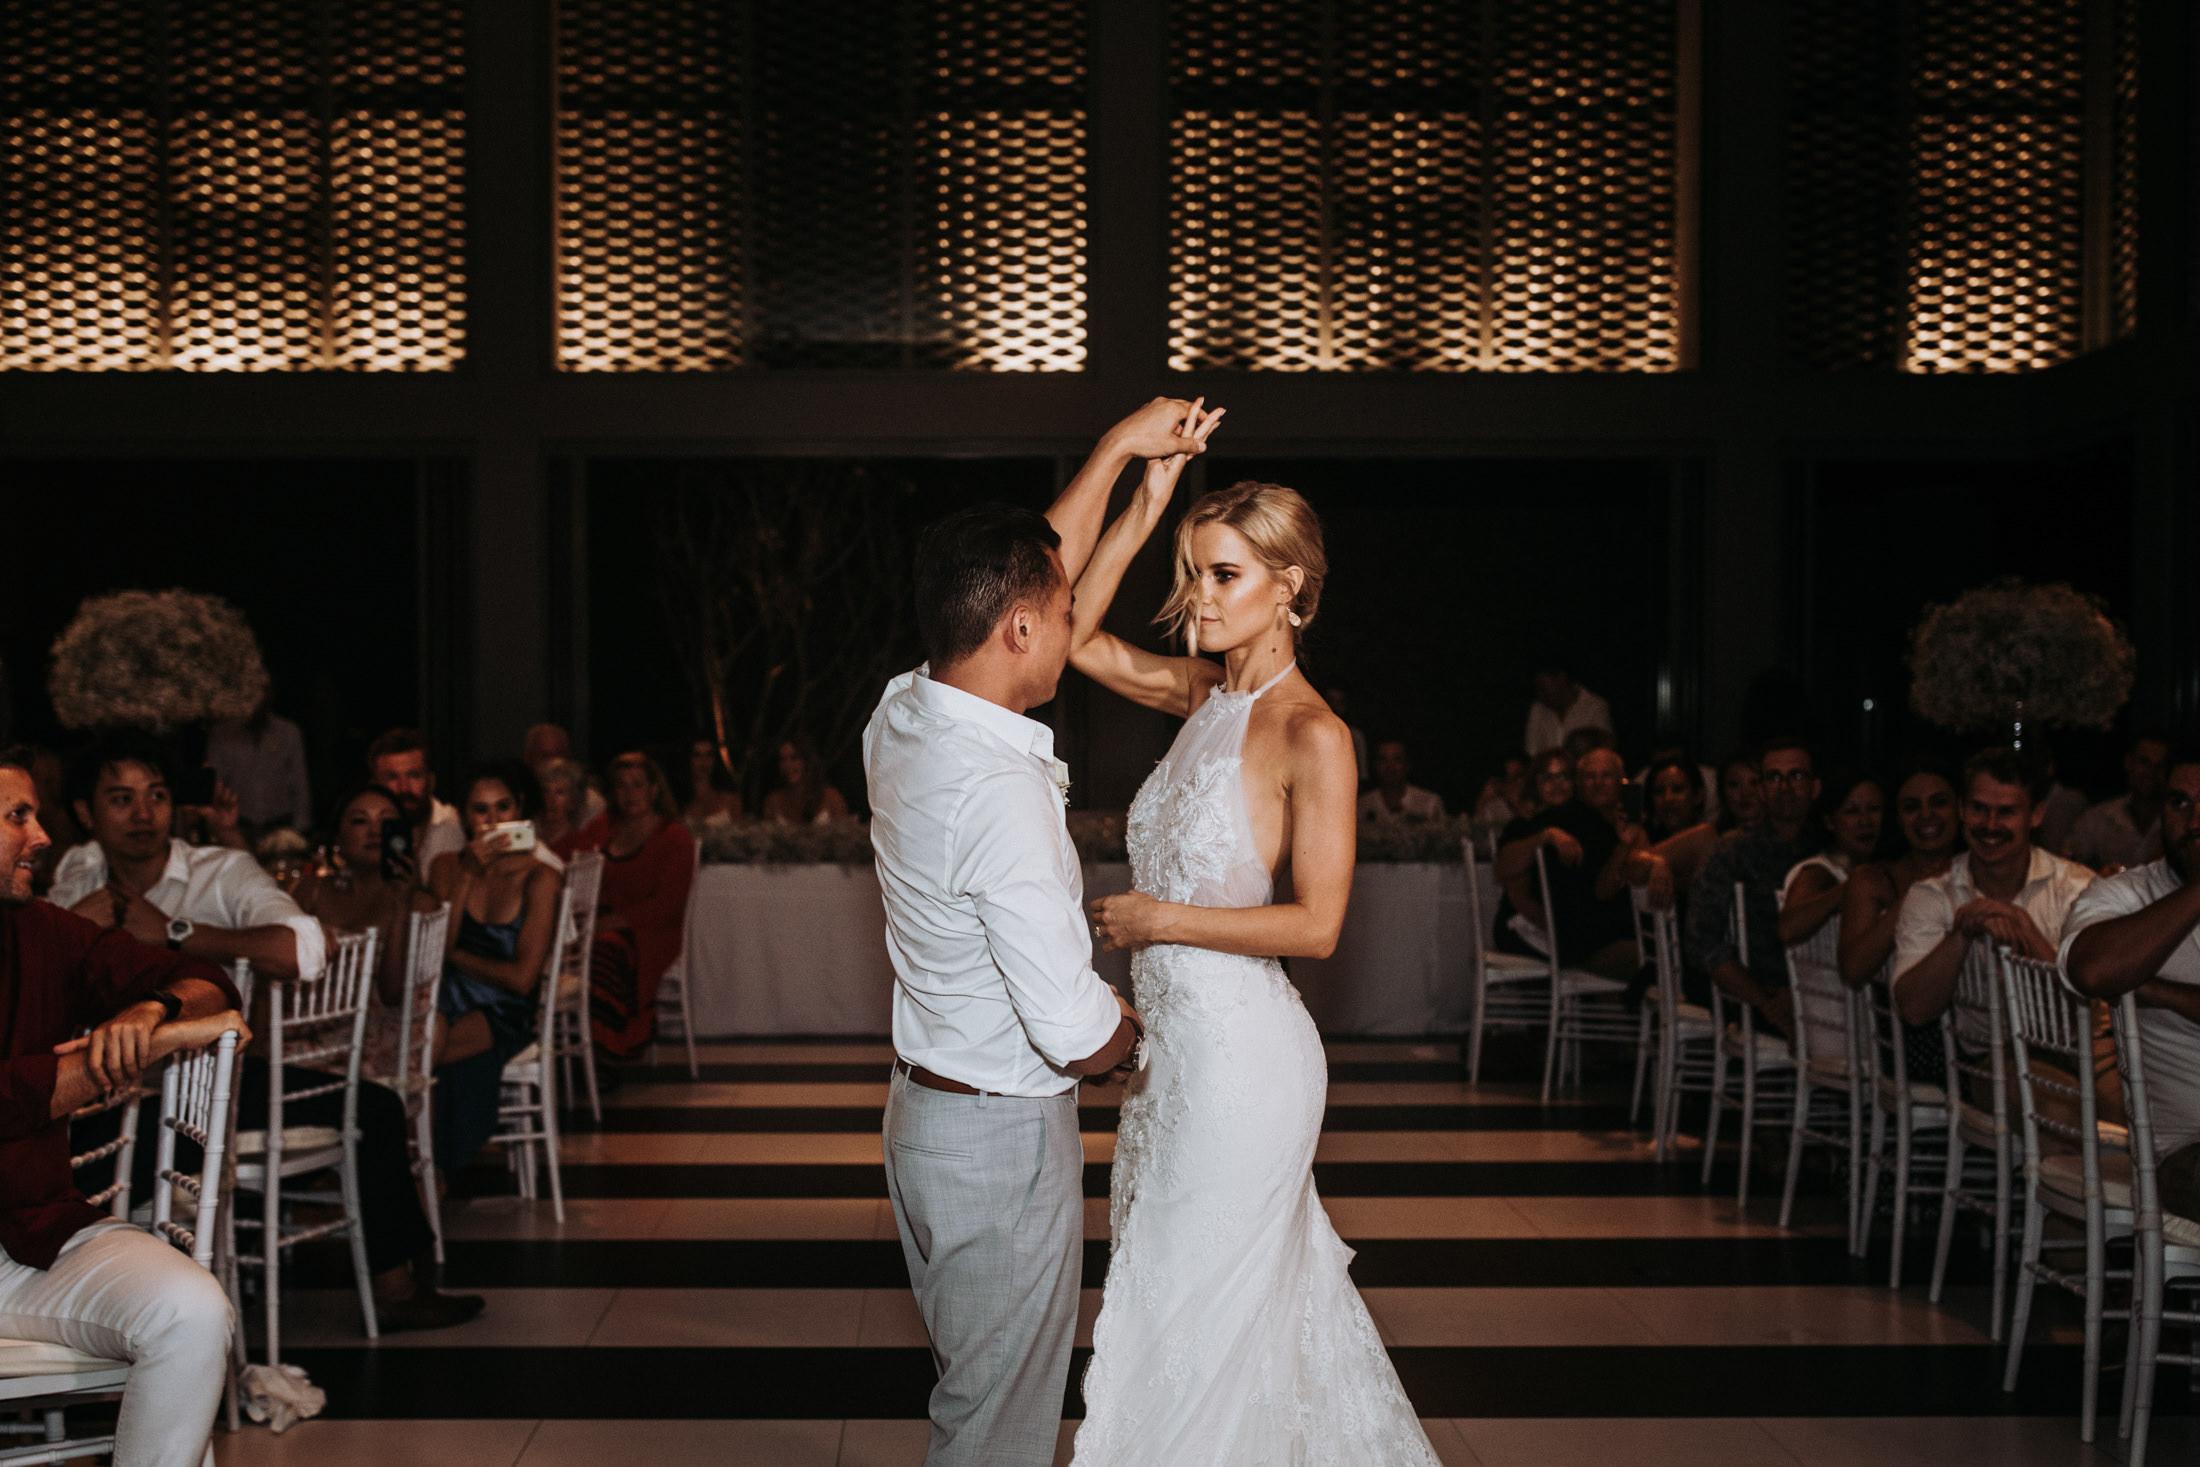 DanielaMarquardt_Wedding_Thailand_407